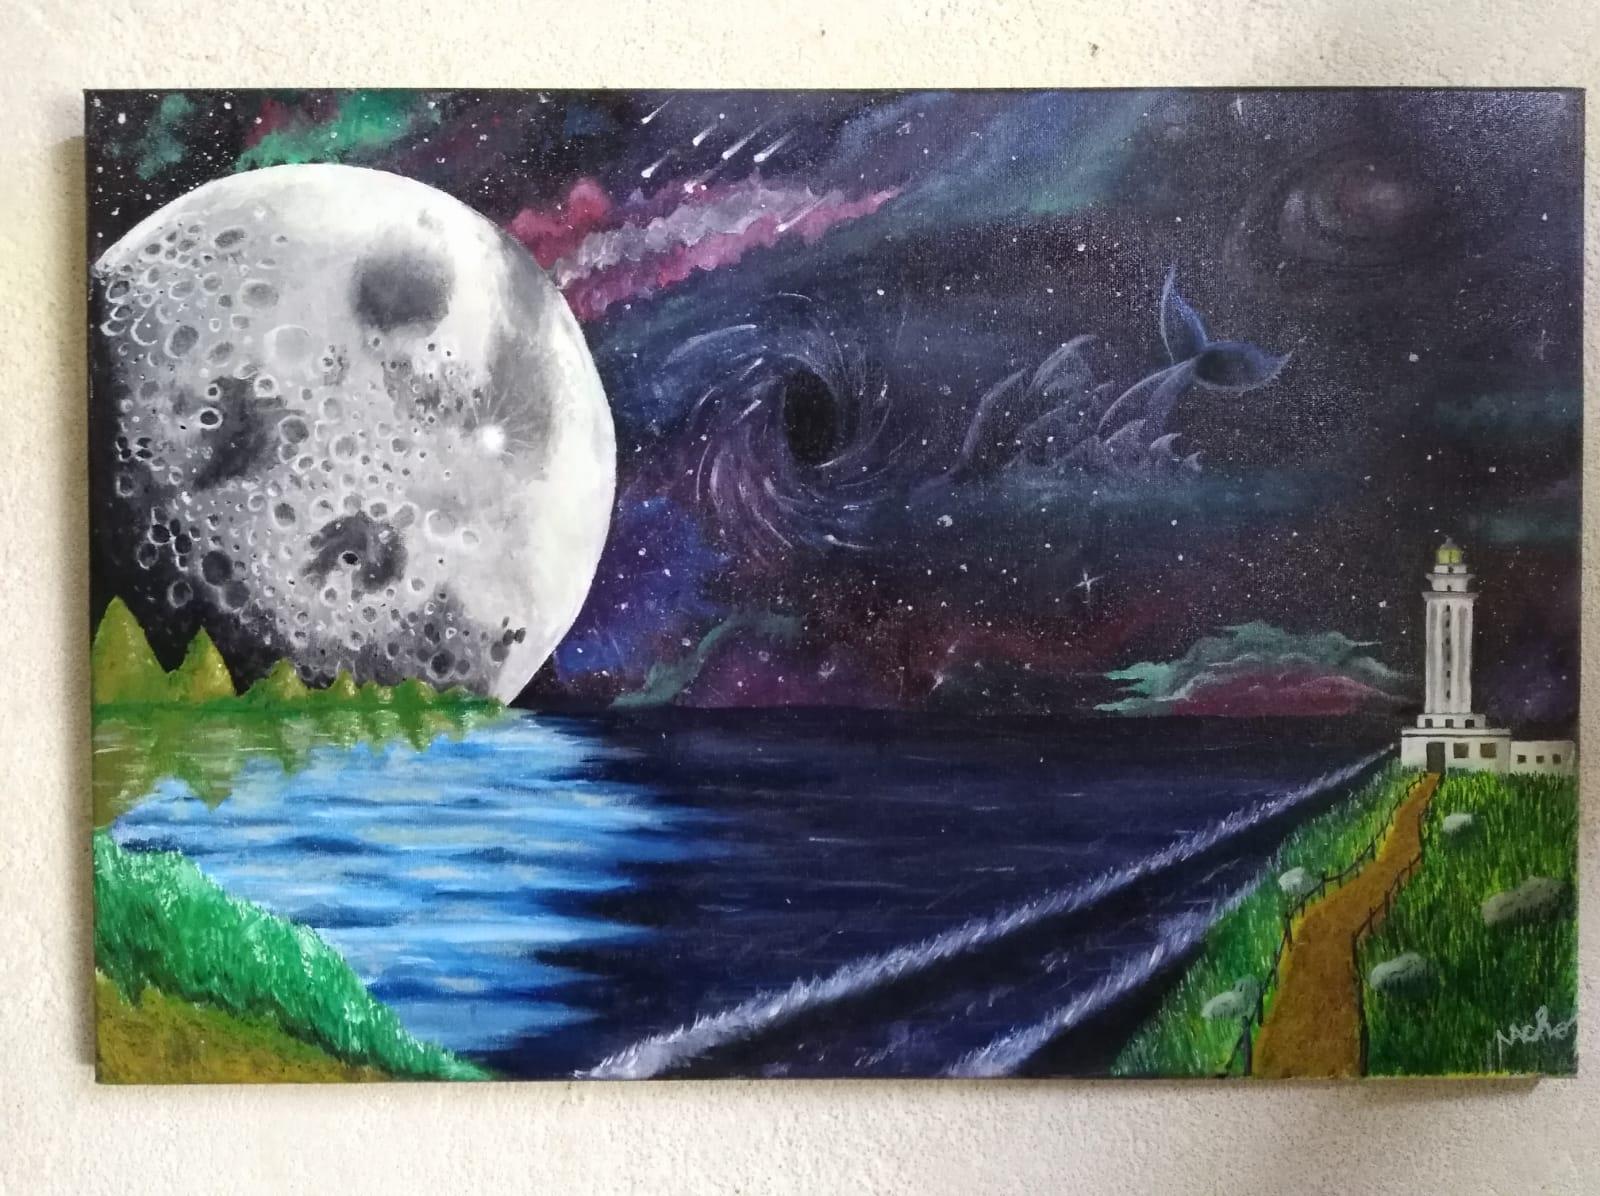 Universo marítimo con la luna fusionada en la tierra